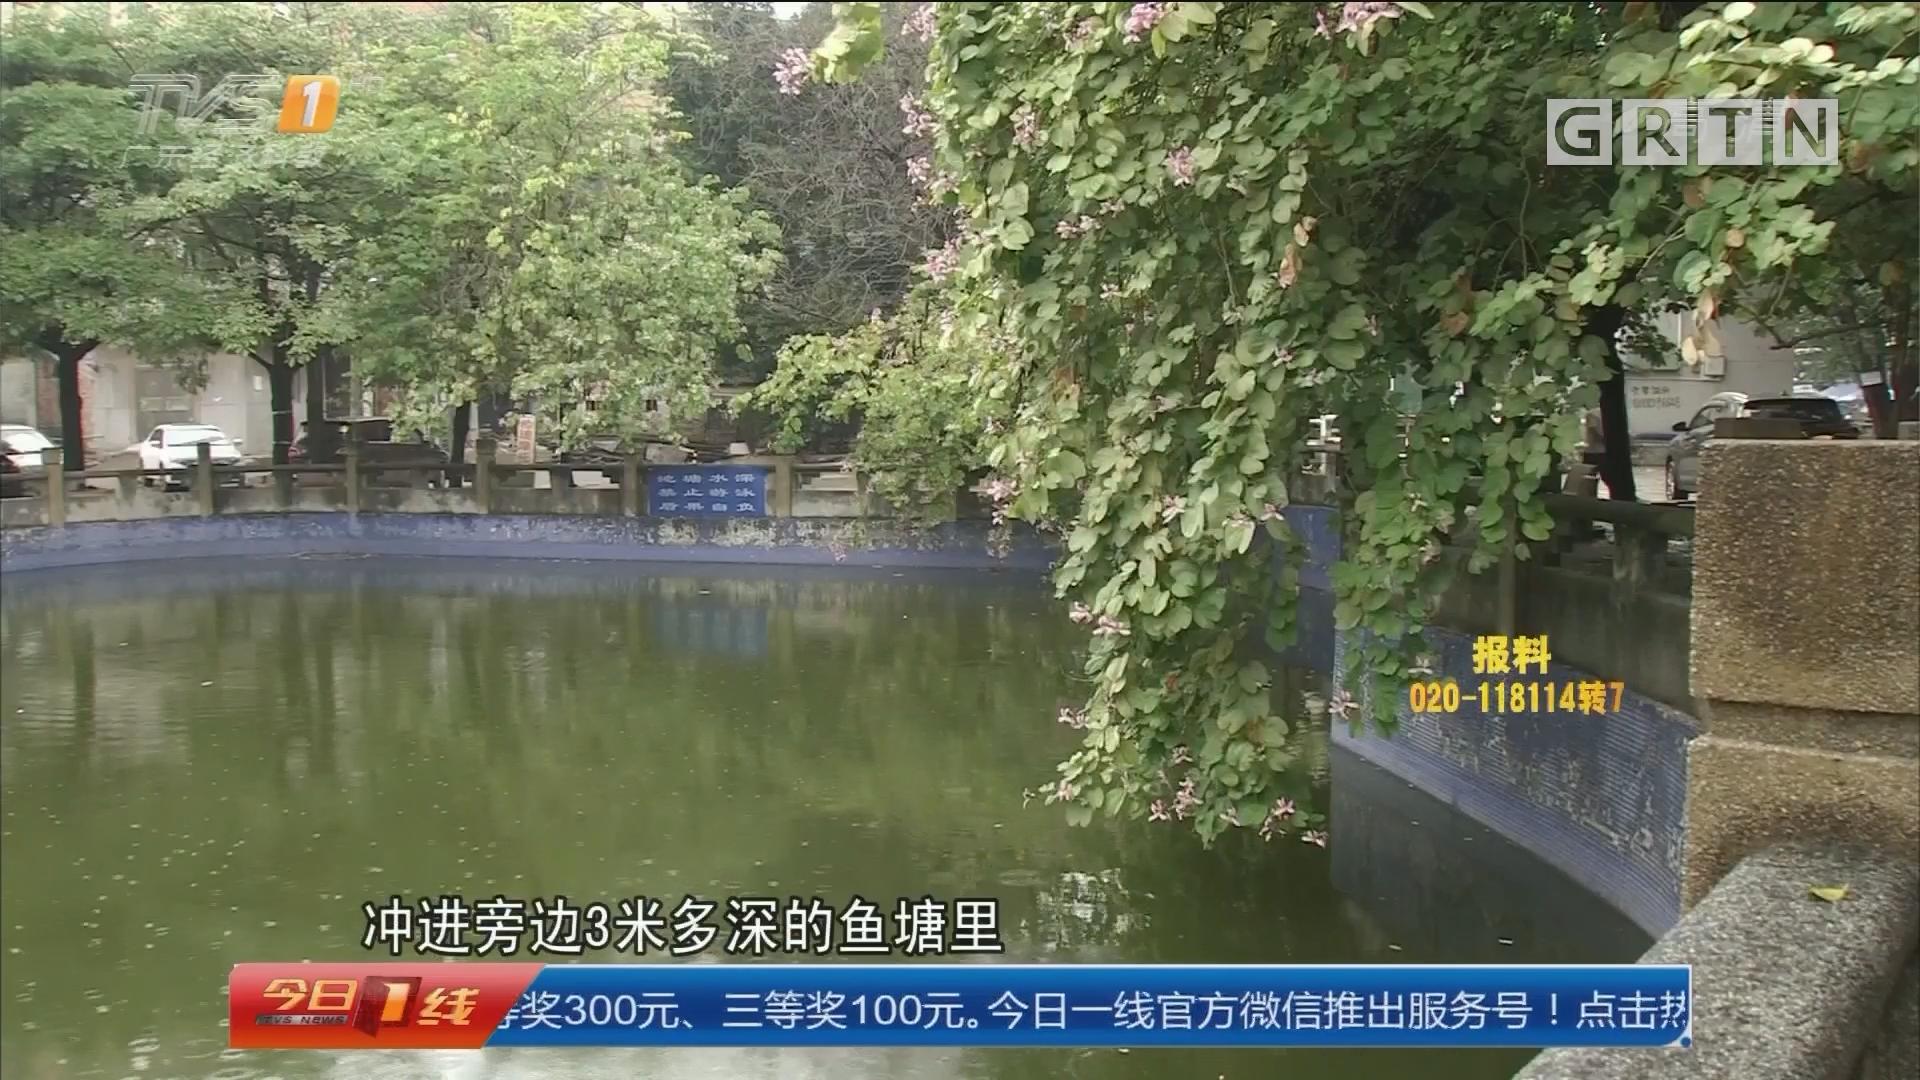 """系列专栏""""温度"""":广州白云区 女孩跳鱼塘 街坊辅警齐救人"""